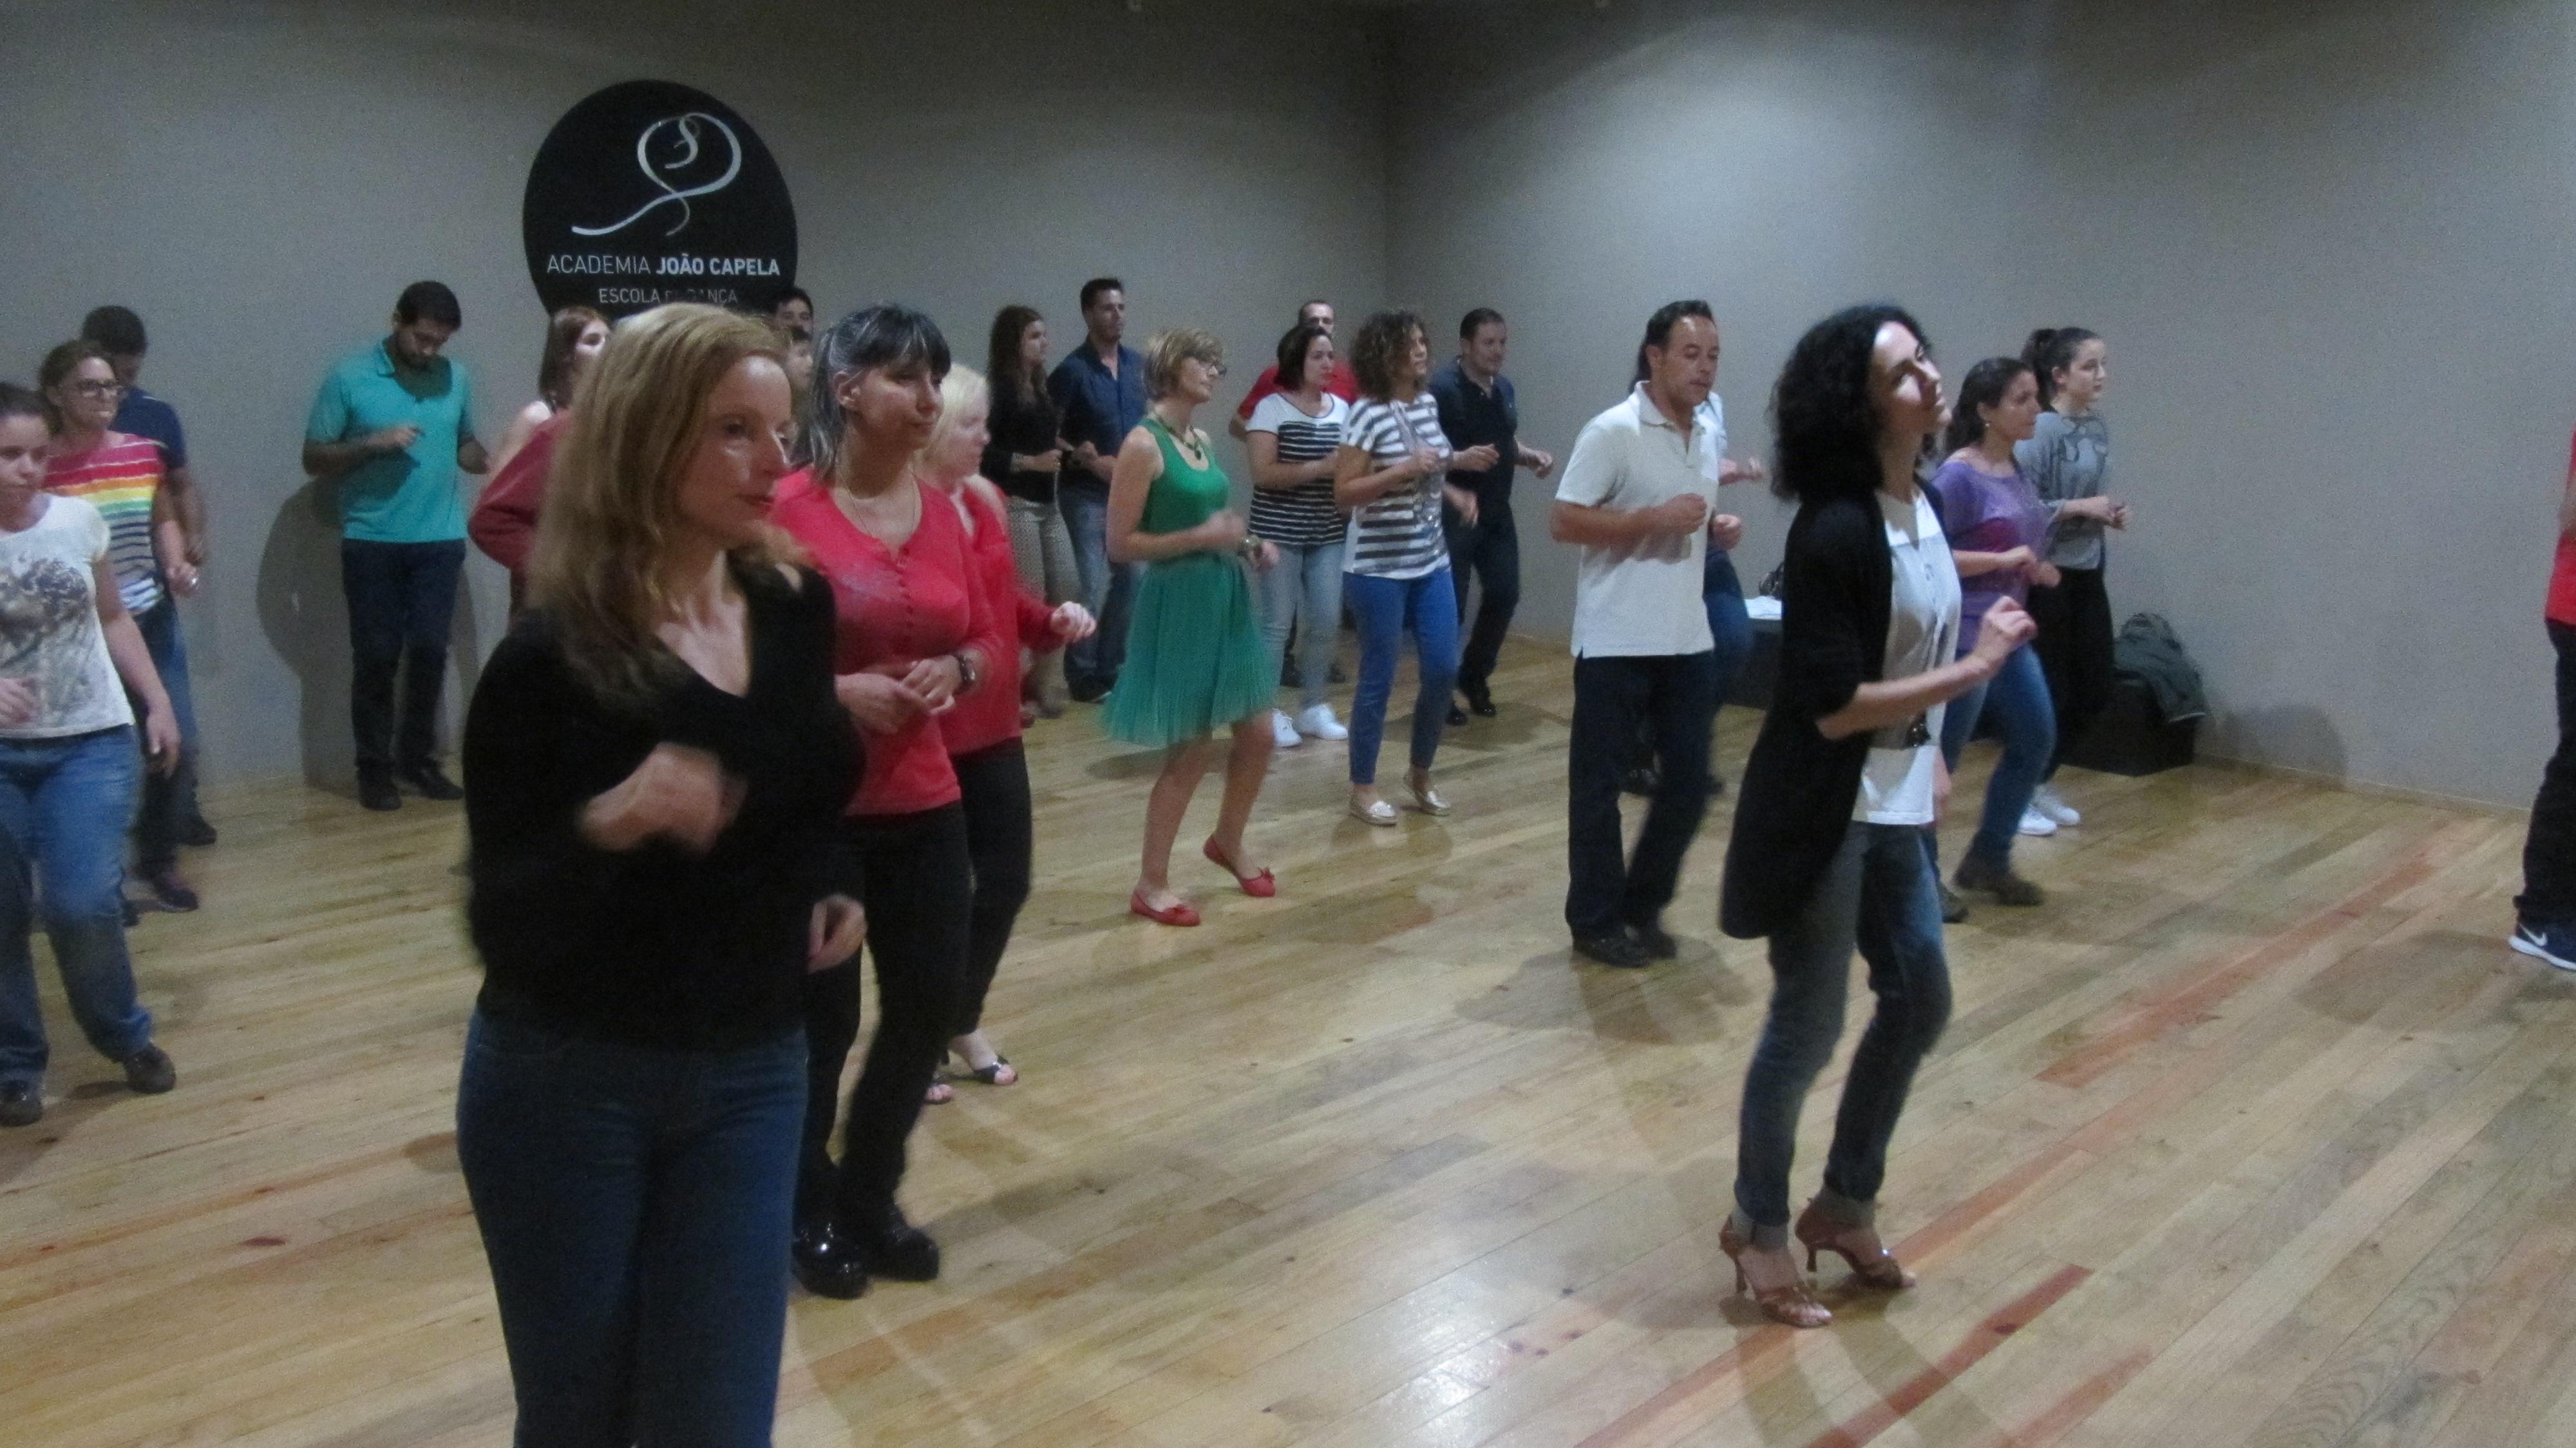 Aulas de Latin-Shine na Academia João Capela em Barcelos